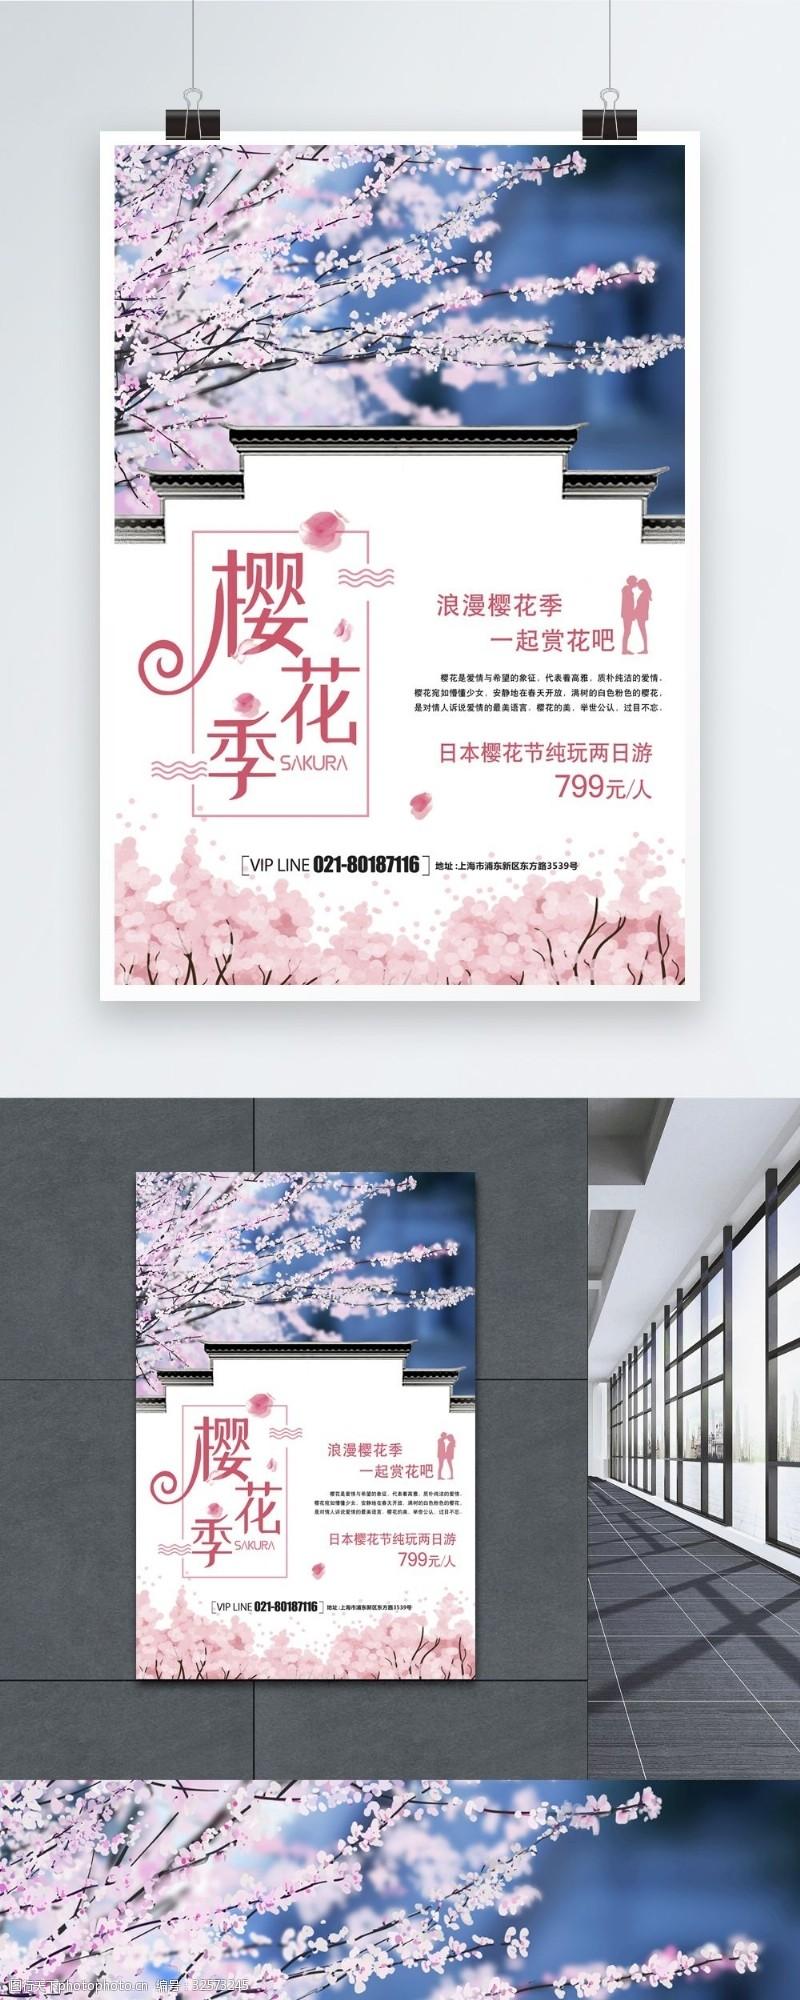 遇见樱花简洁唯美樱花季海报